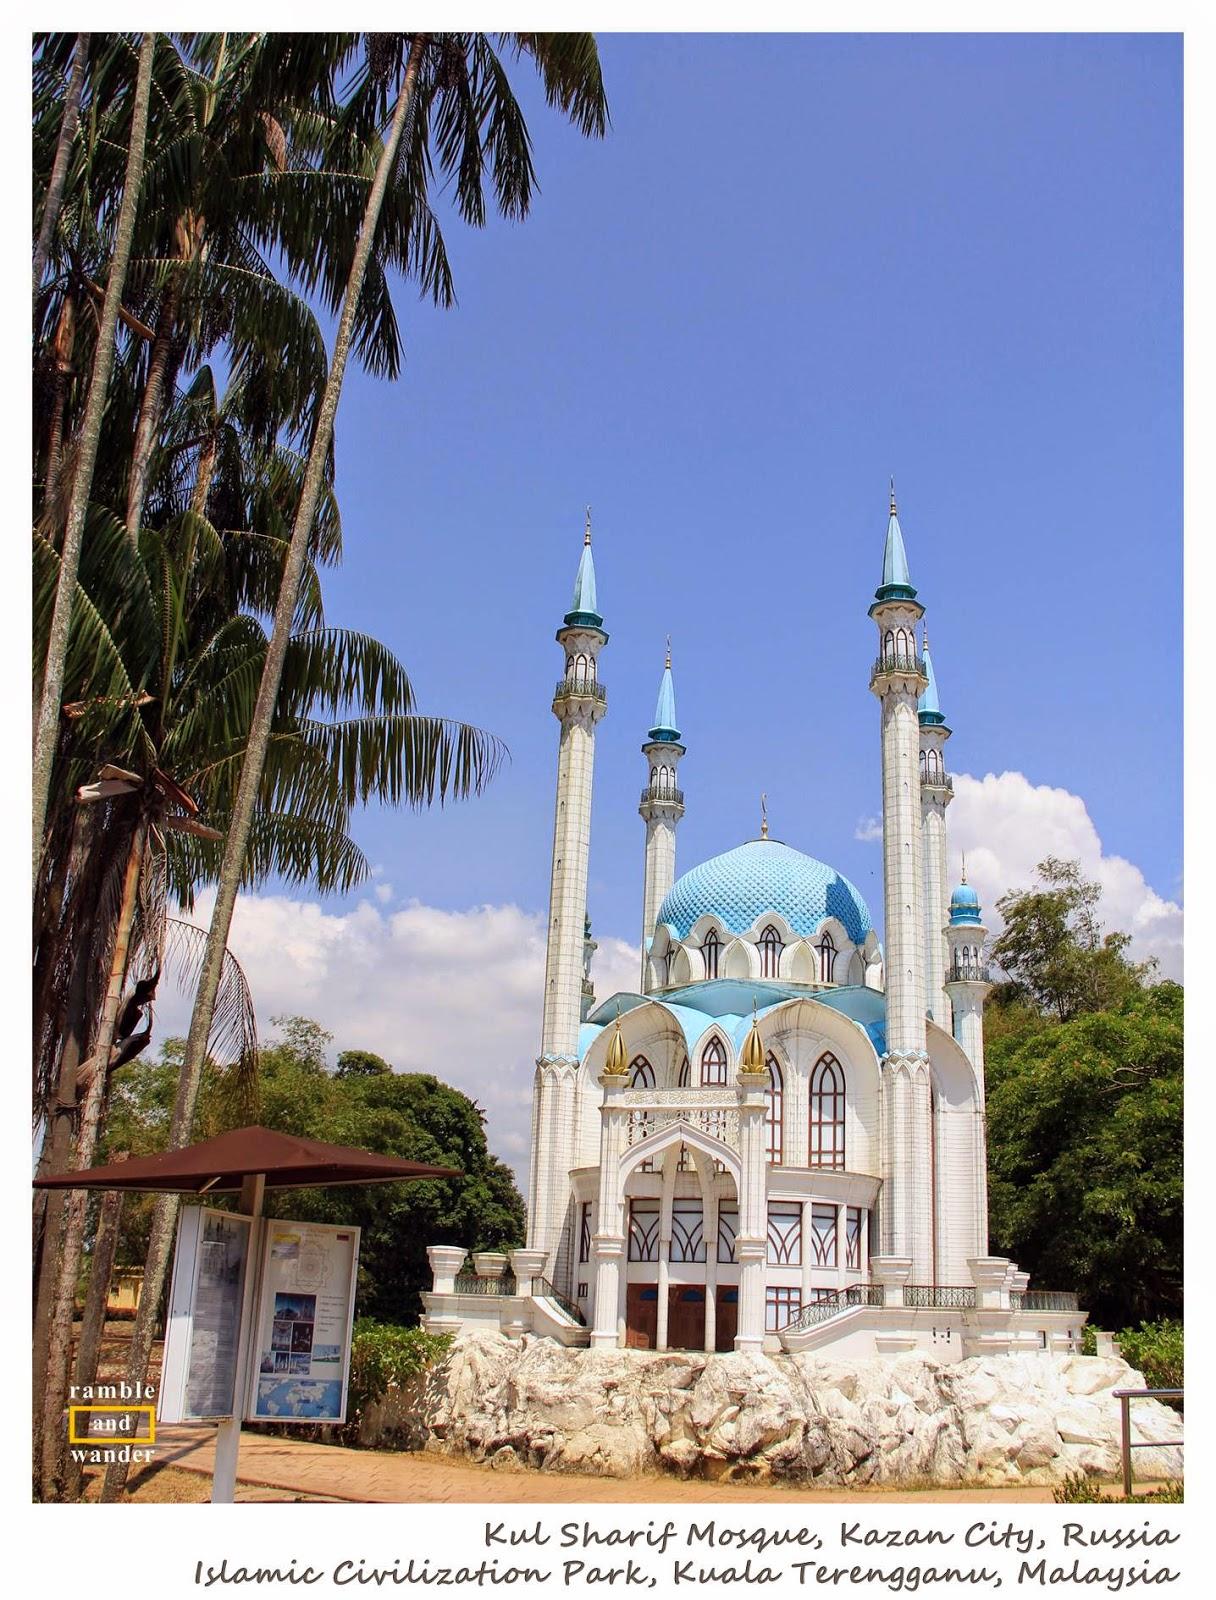 Taman Tamaduk Islam, Kuala Terengganu, Malaysia